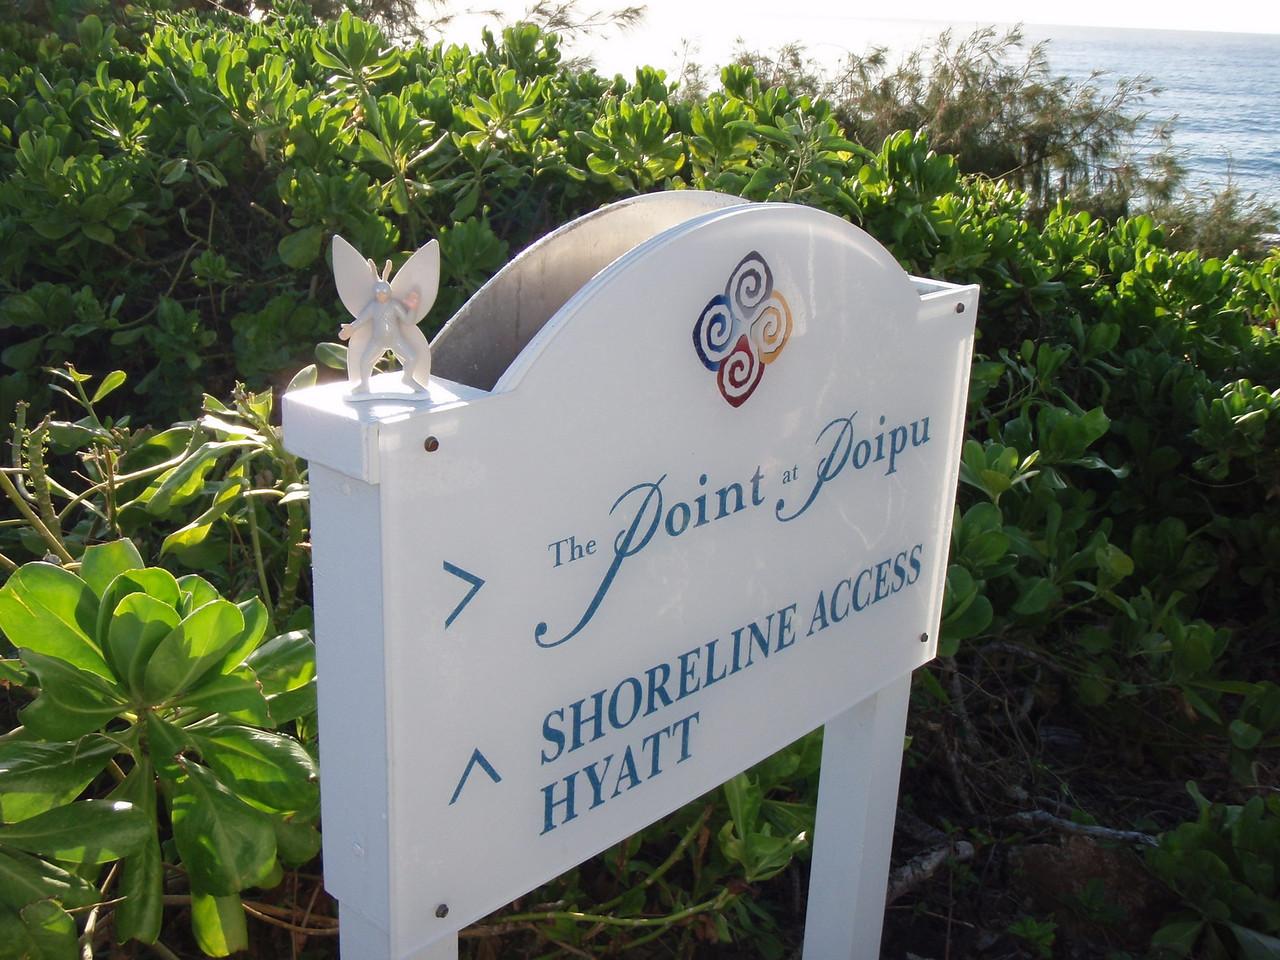 2008-03-04 Poipu, Kauai